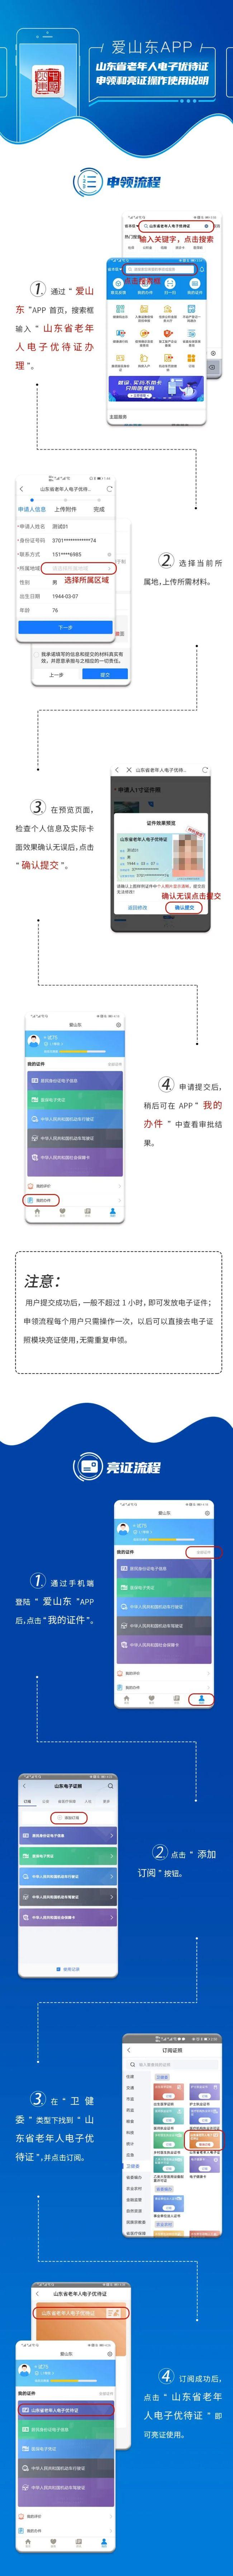 """山东推出全国首个省级老年人电子优待证,60周岁以上老年人在""""爱山东""""APP申领后可享六项优待"""